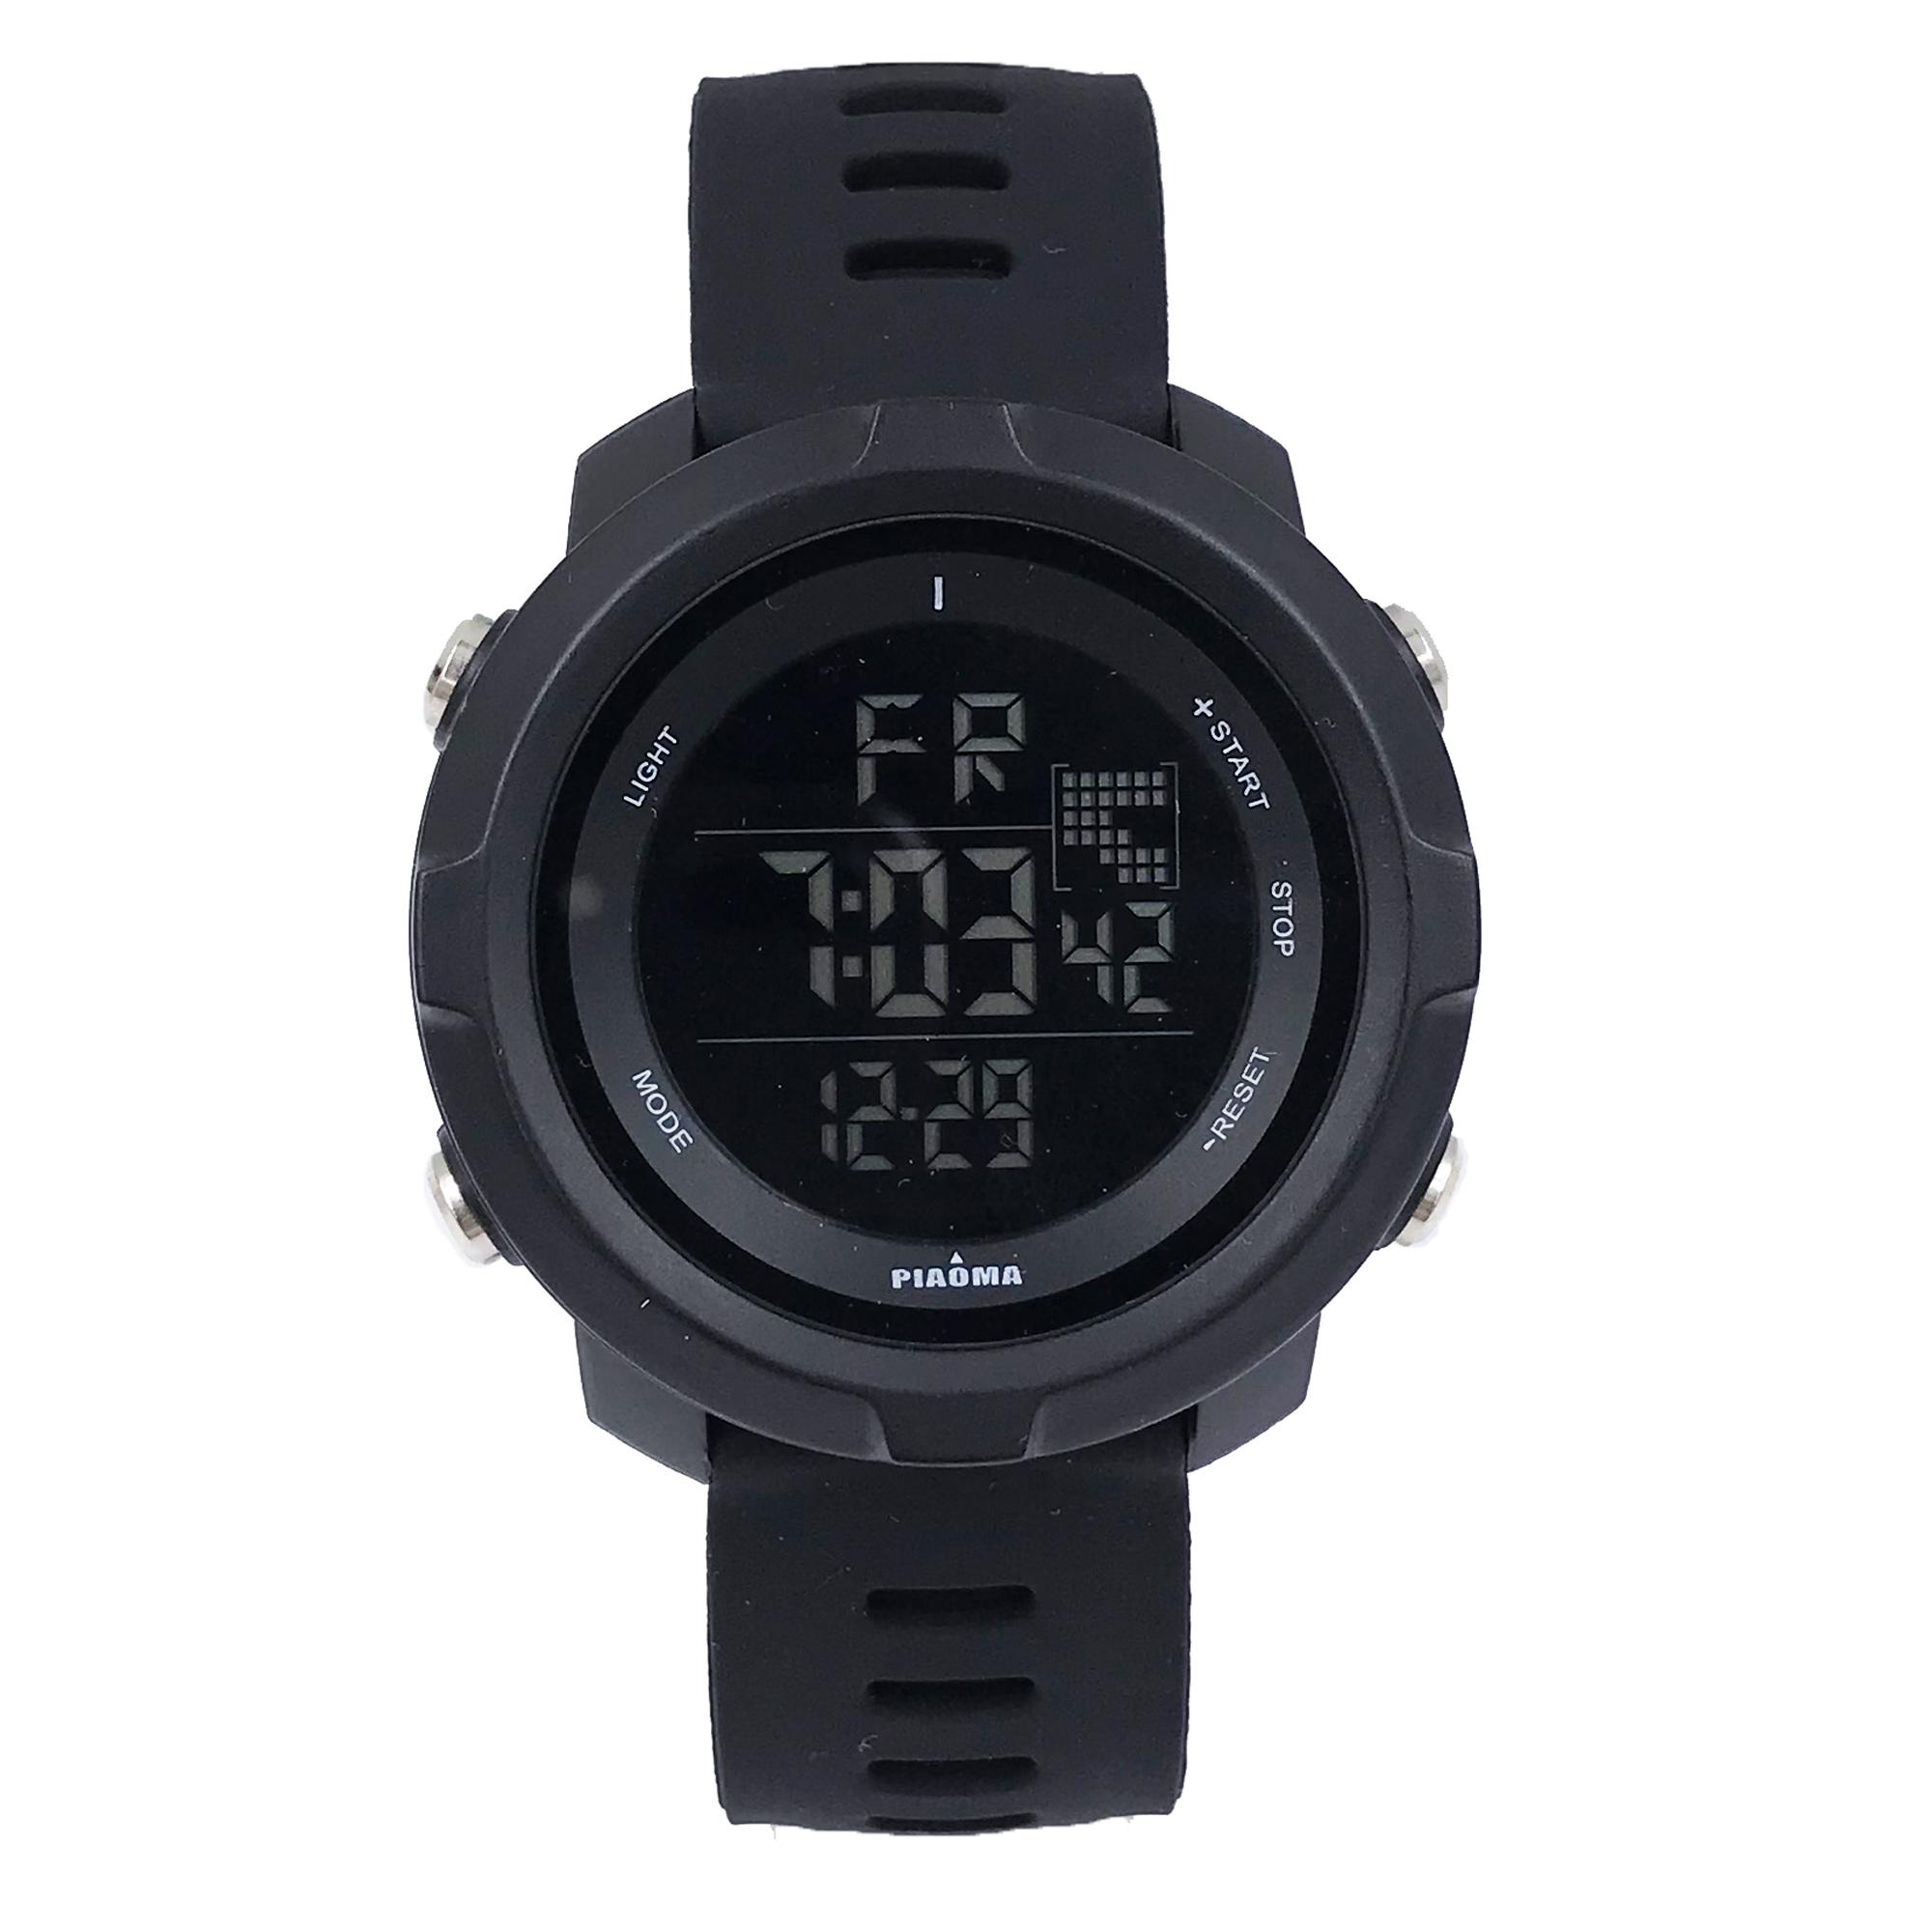 ساعت مچی دیجیتال مردانه پیااوما مدل P-500-1              👙